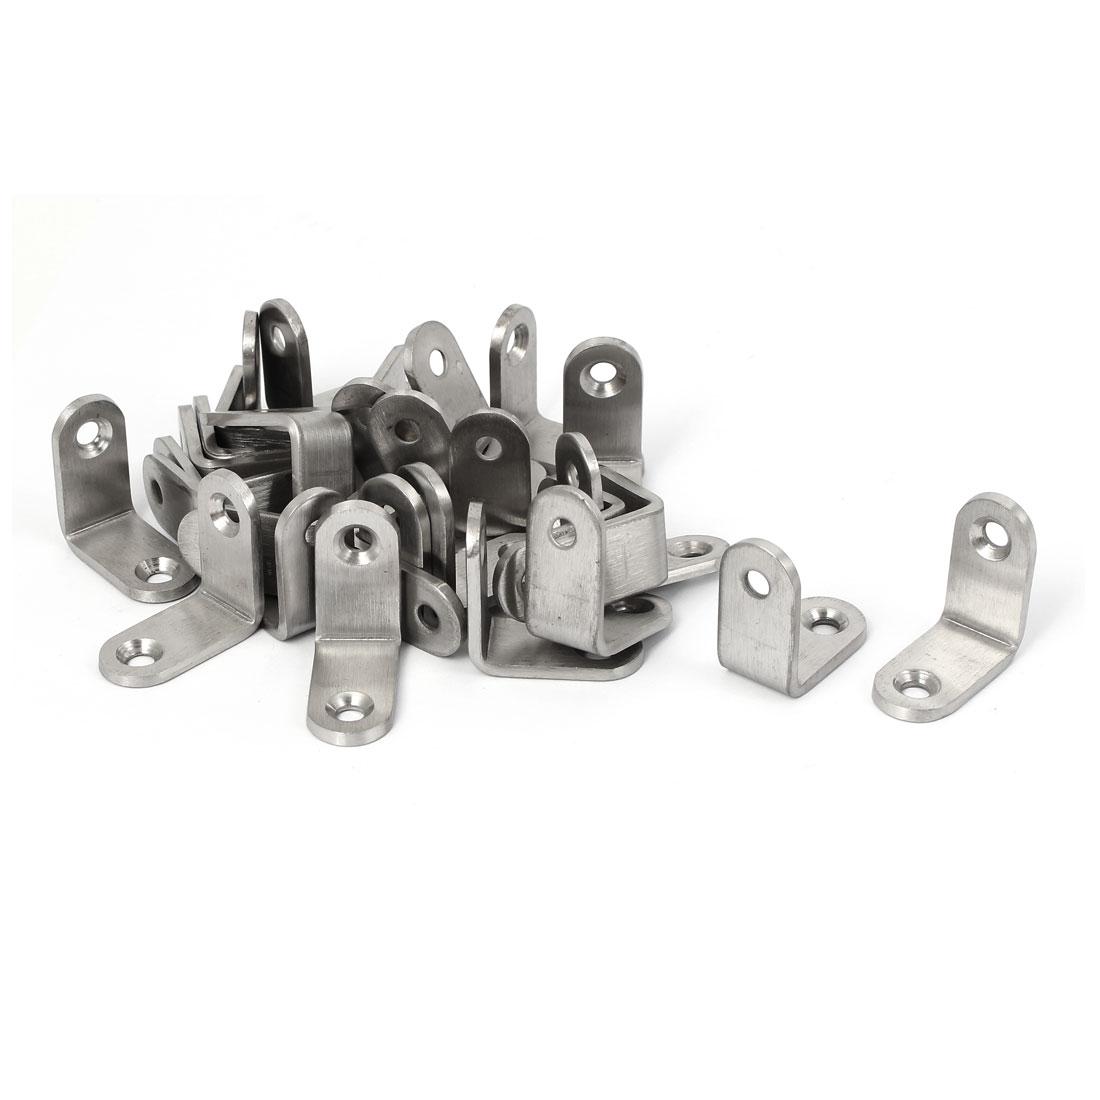 30mmx30mmx3mm L Shape Shelf Bracket Support Angle Brace 30pcs